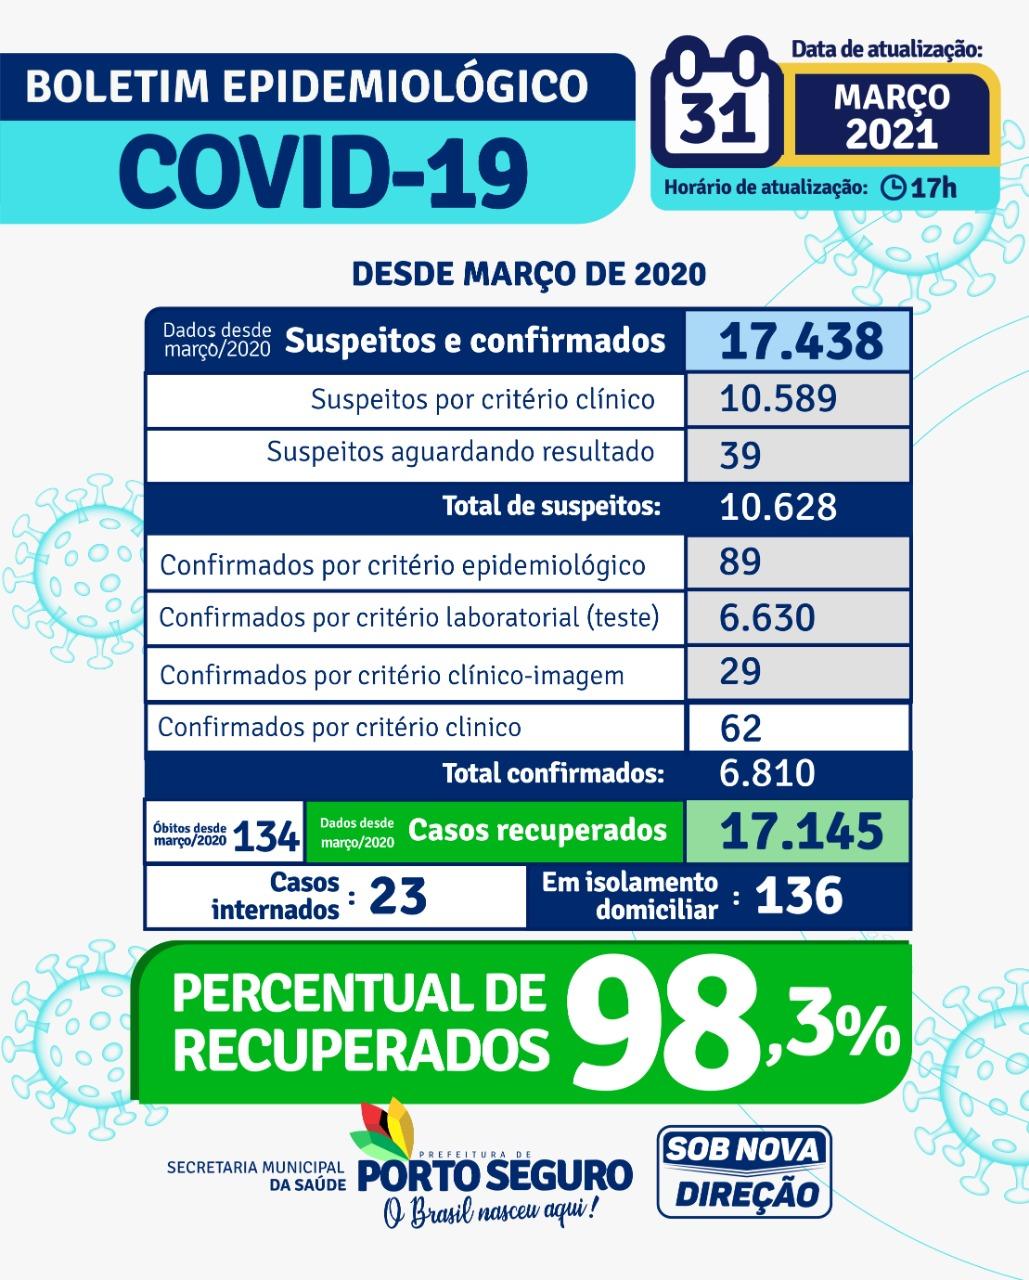 PORTO SEGURO: Boletim Epidemiológico 31/3 24